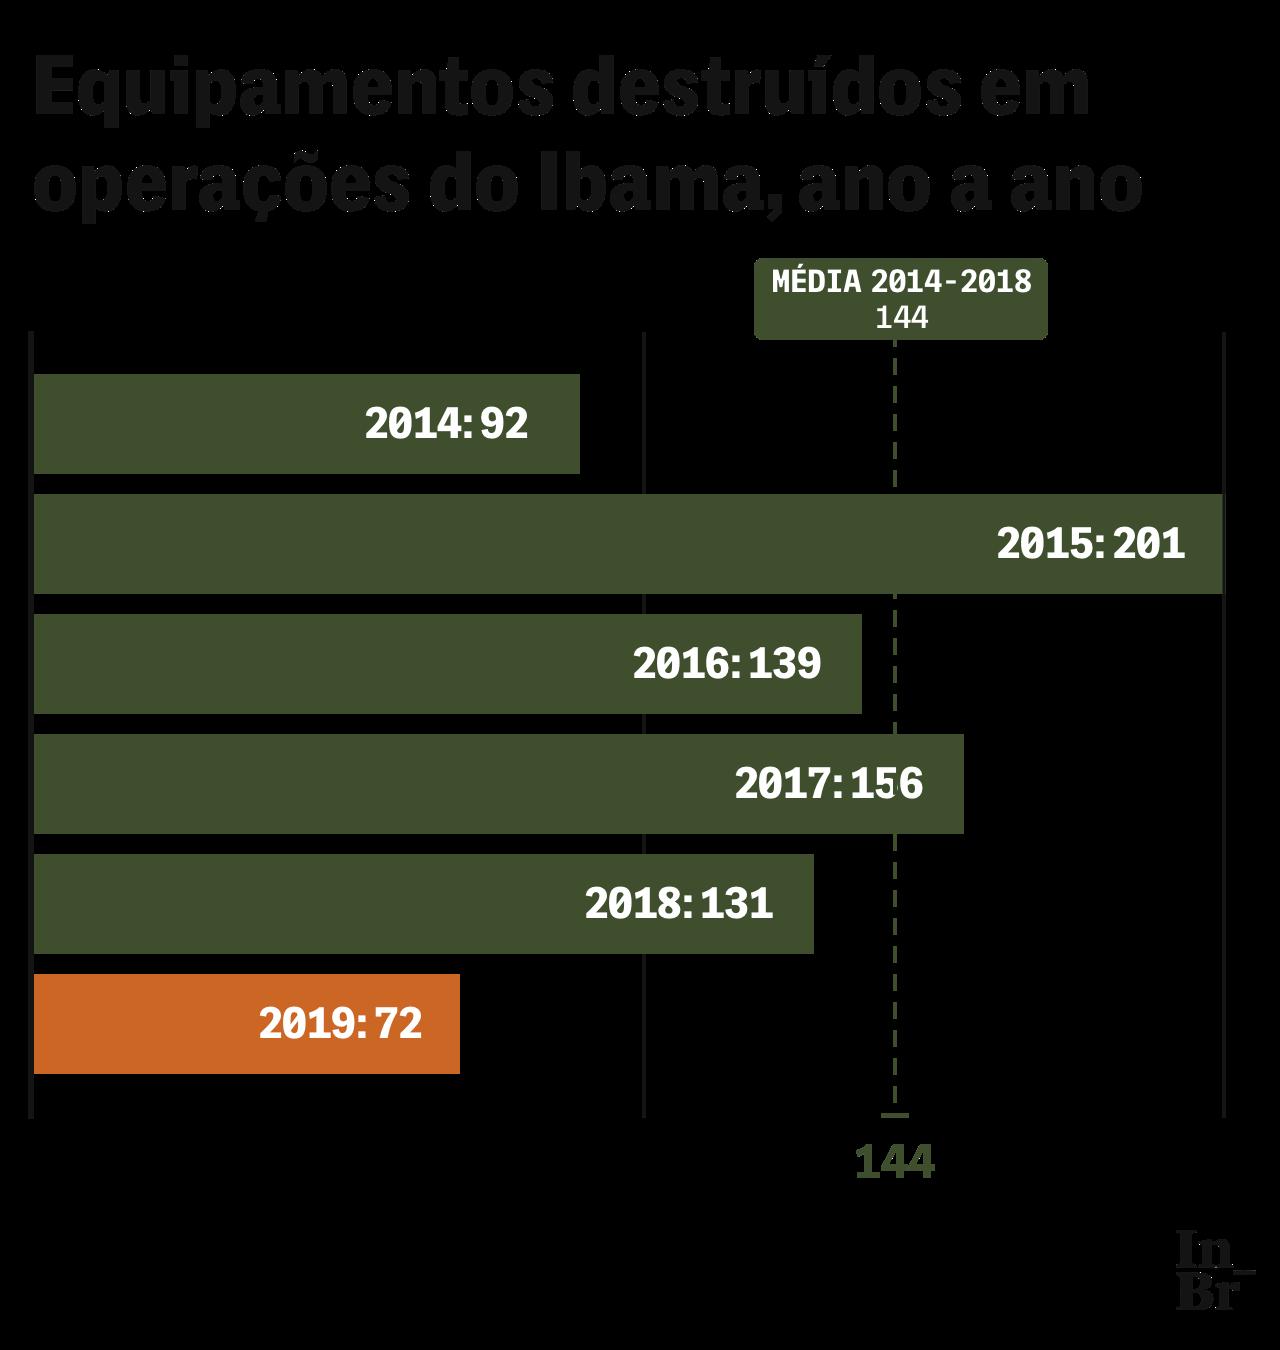 26-04-2020-ibama-graf-2